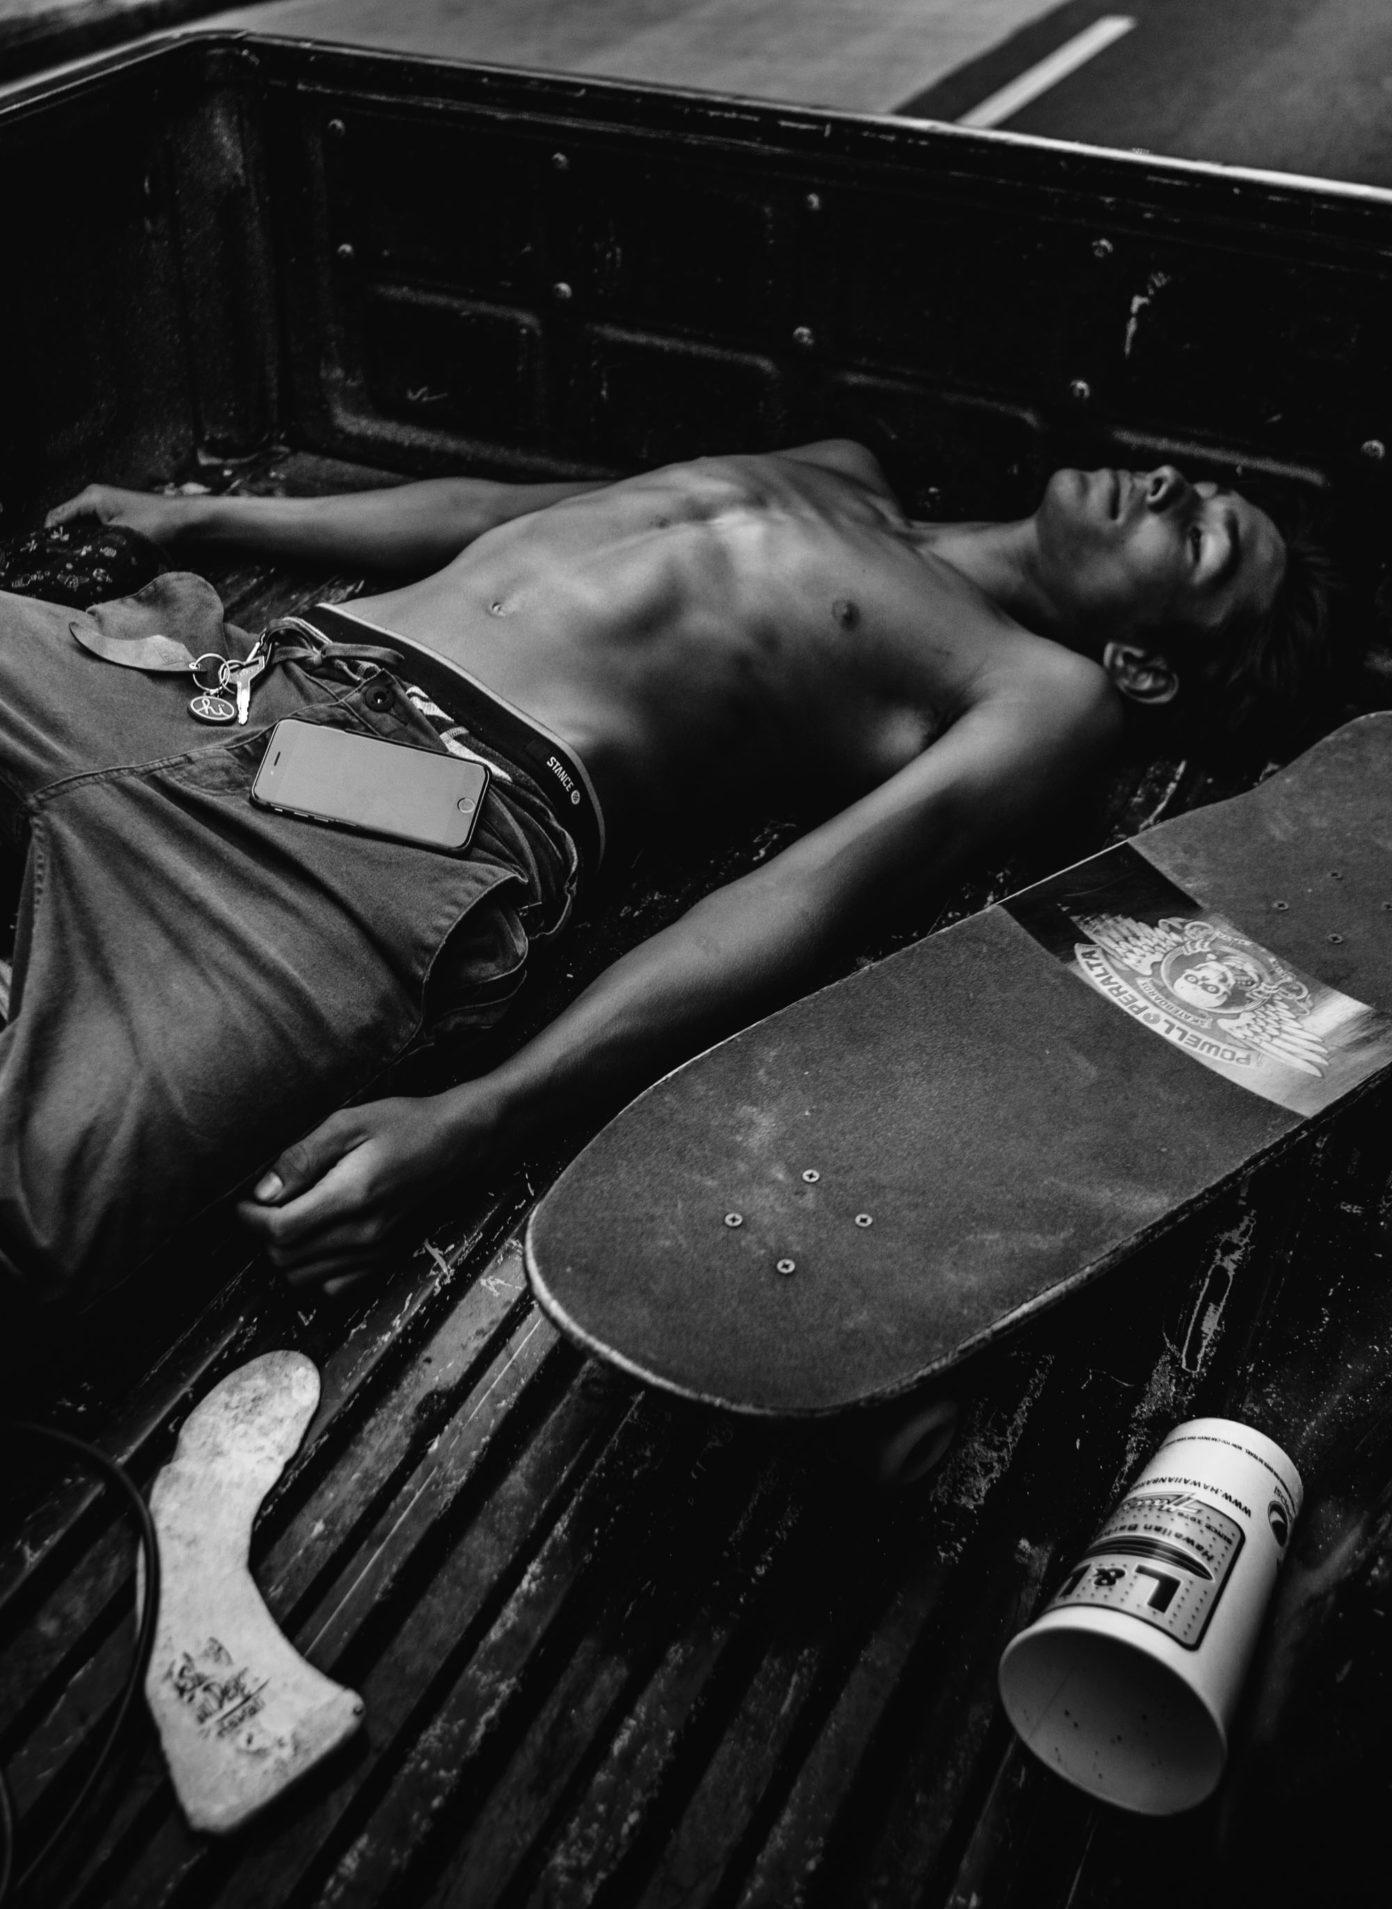 sebastien-zanella-surf-skate-photgraphy-5.jpg